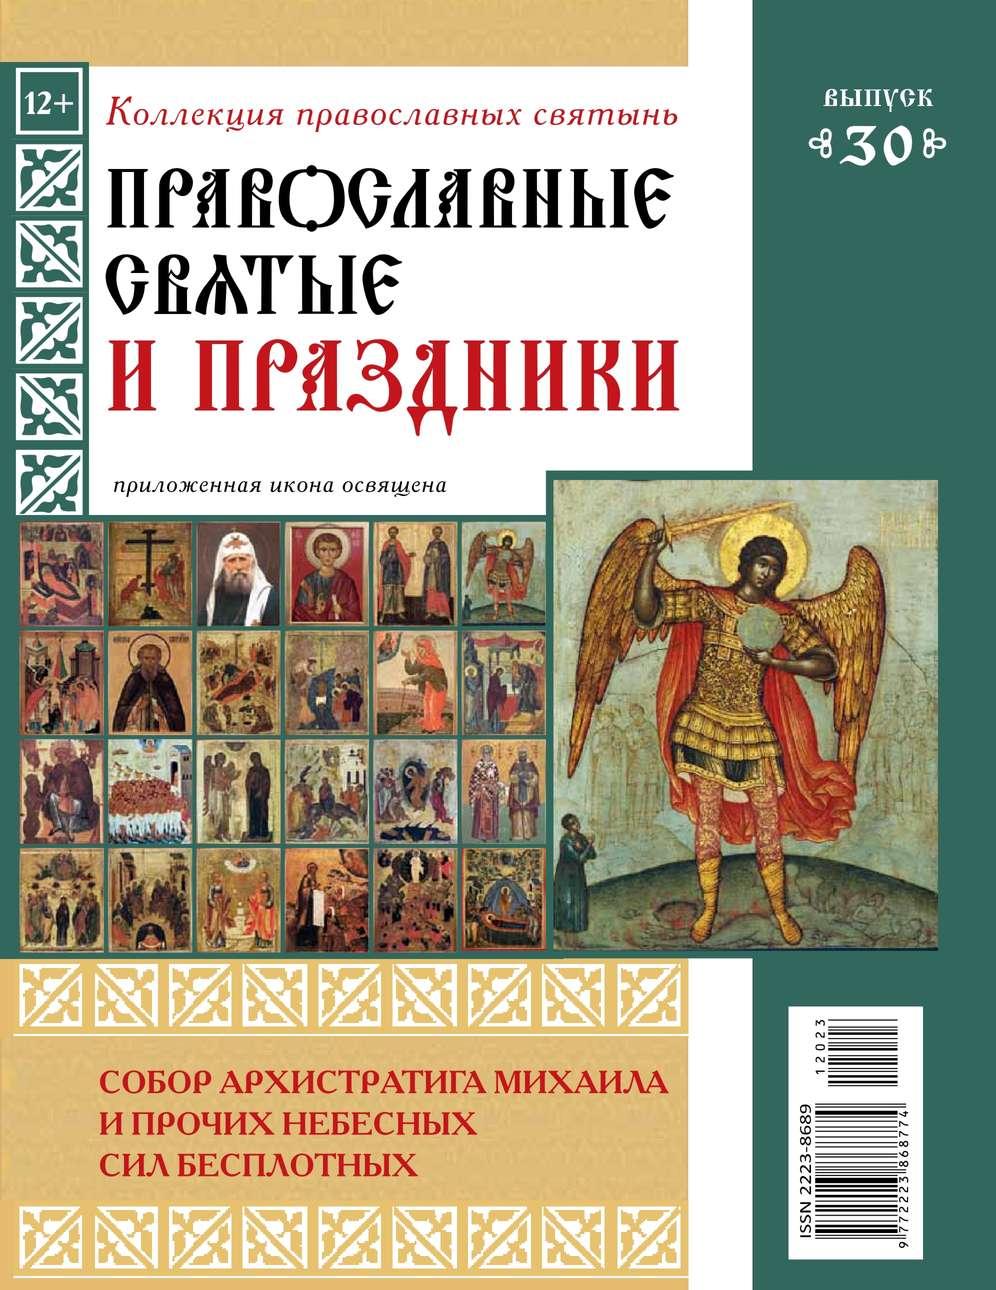 Редакция журнала Коллекция Православных Святынь Коллекция Православных Святынь 30 коллекция